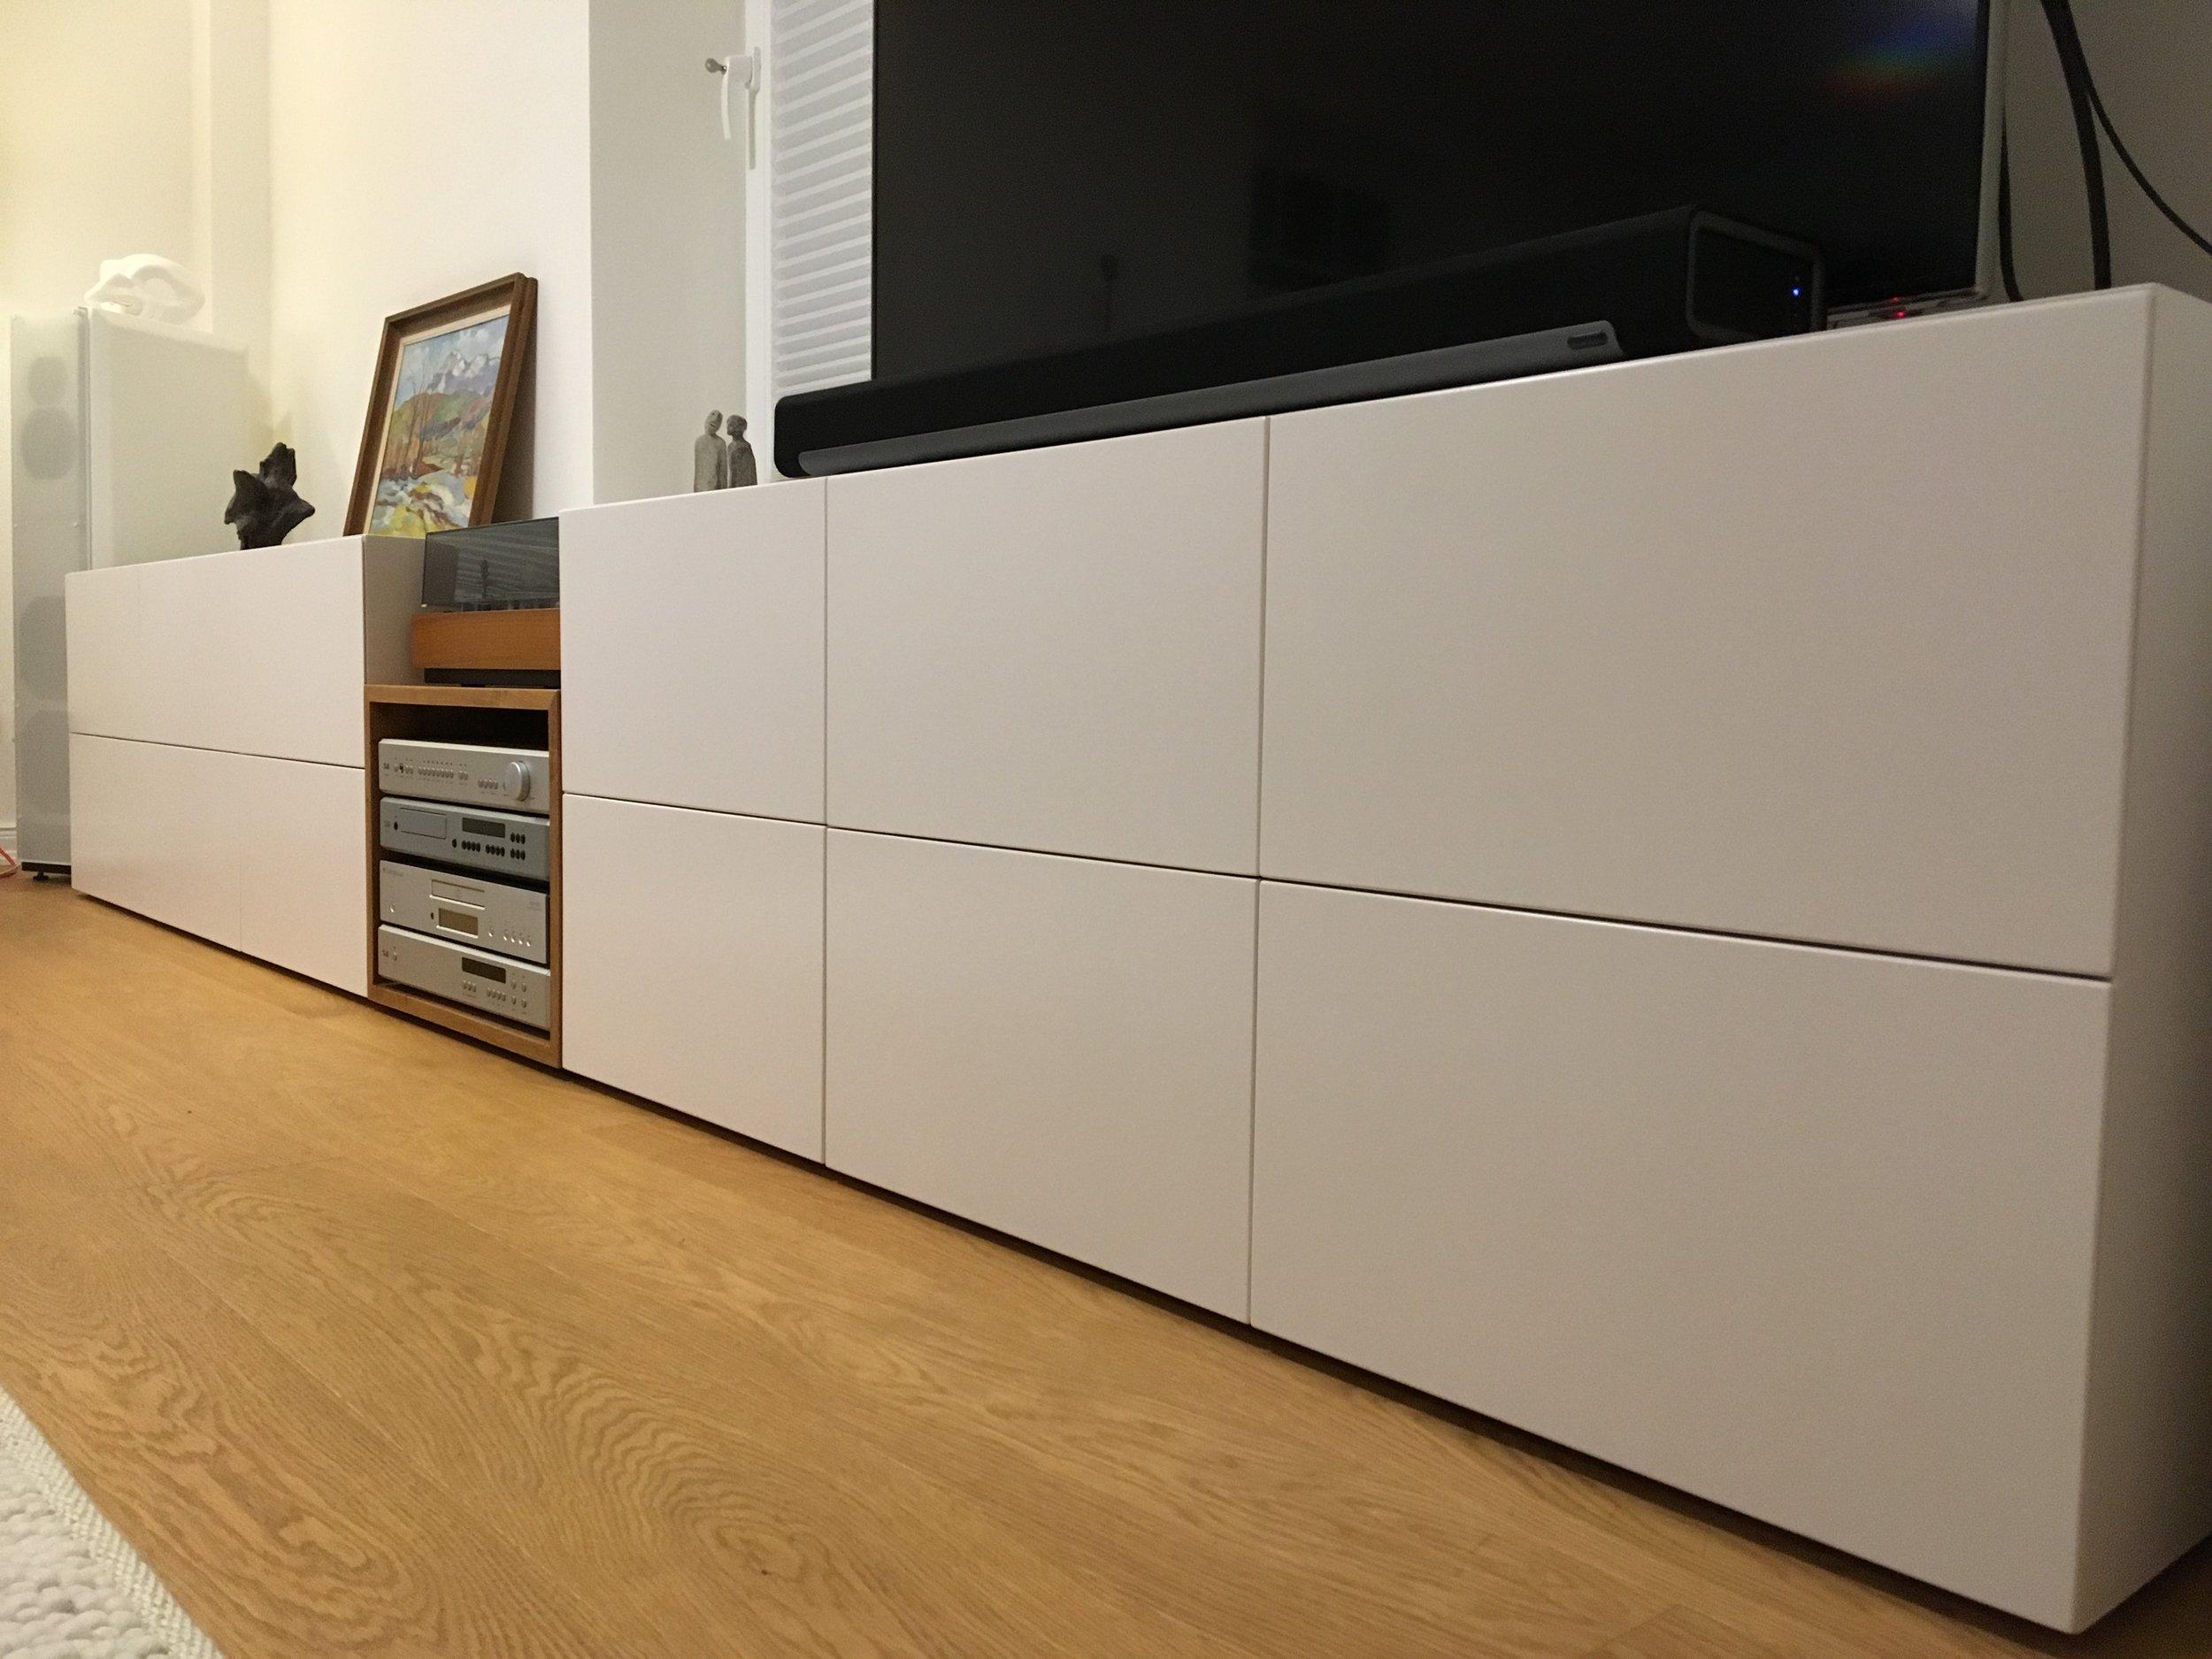 Lowboard, ca 330 cm lang, 54 cm hoch und 46 cm tief, ca 4200 Euro inklusiv 19 % Umsatzsteuer mit Transport nach Hamburg.